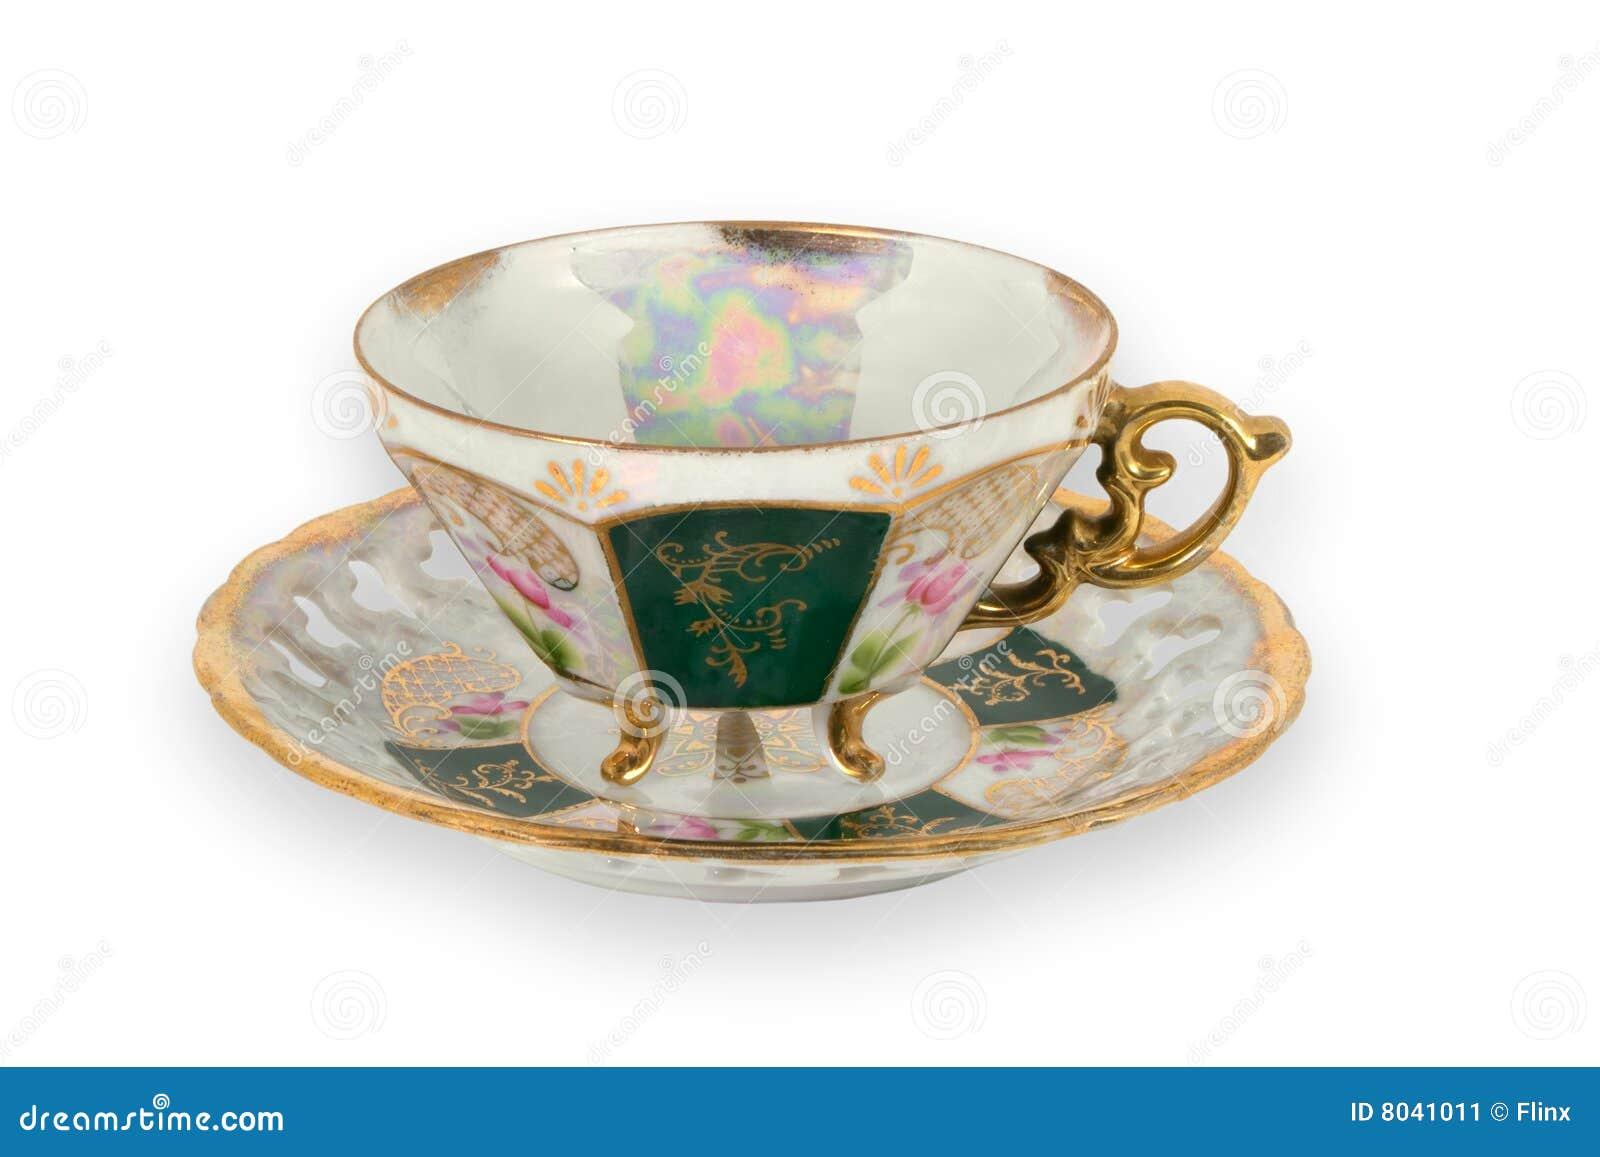 Tasse Fantaisie la fantaisie a doré la tasse de thé image stock - image du dishware